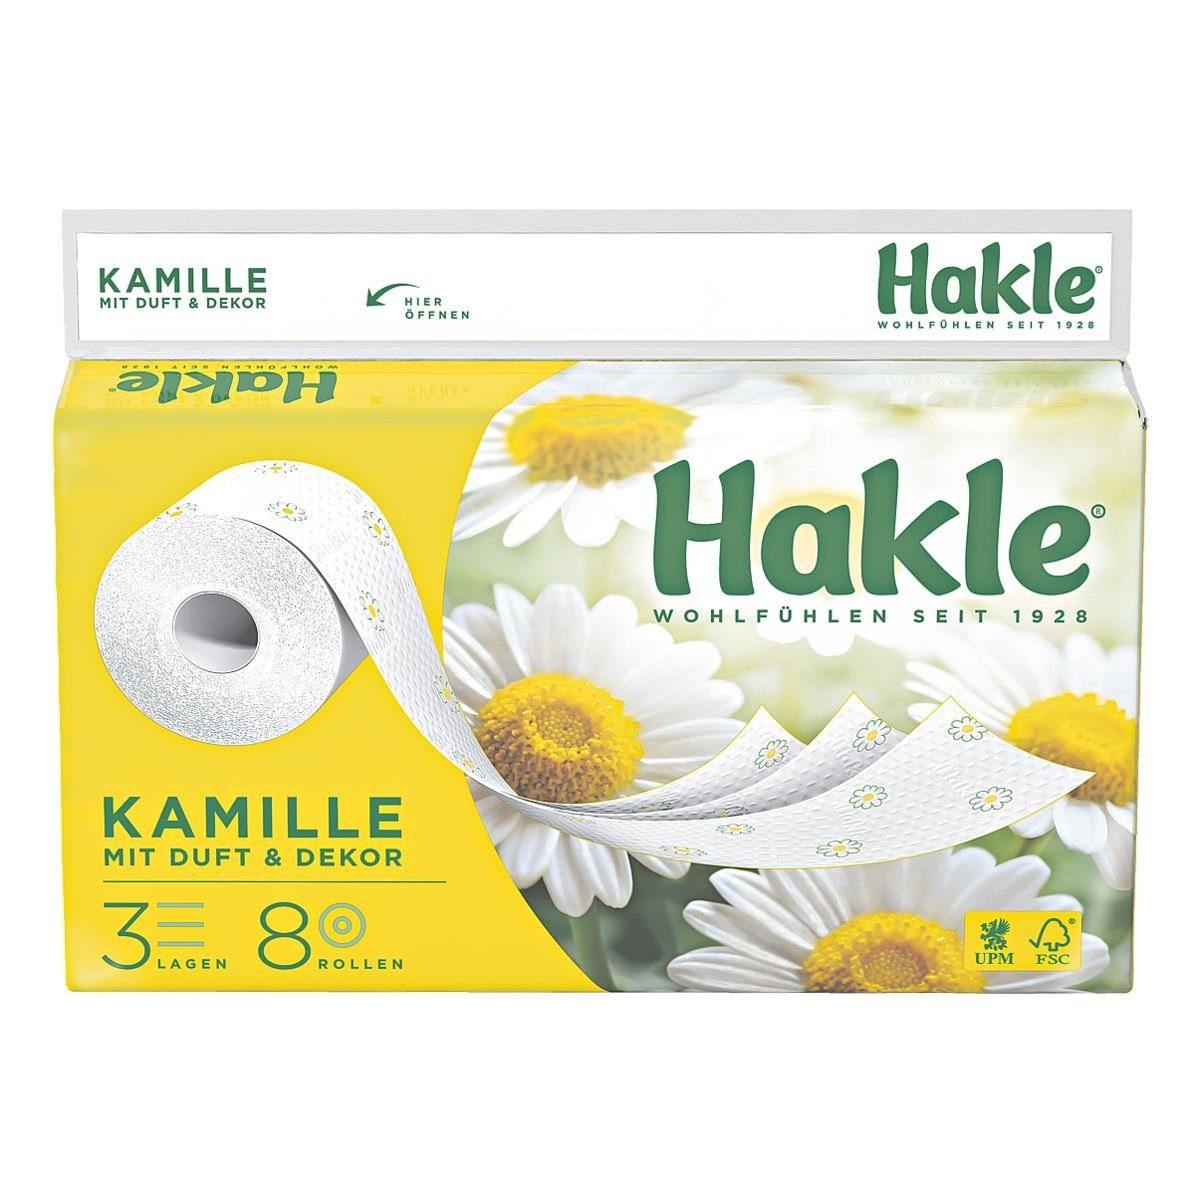 Hakle Toilettenpapier 3-lagig - 8 Rollen »Kamille«